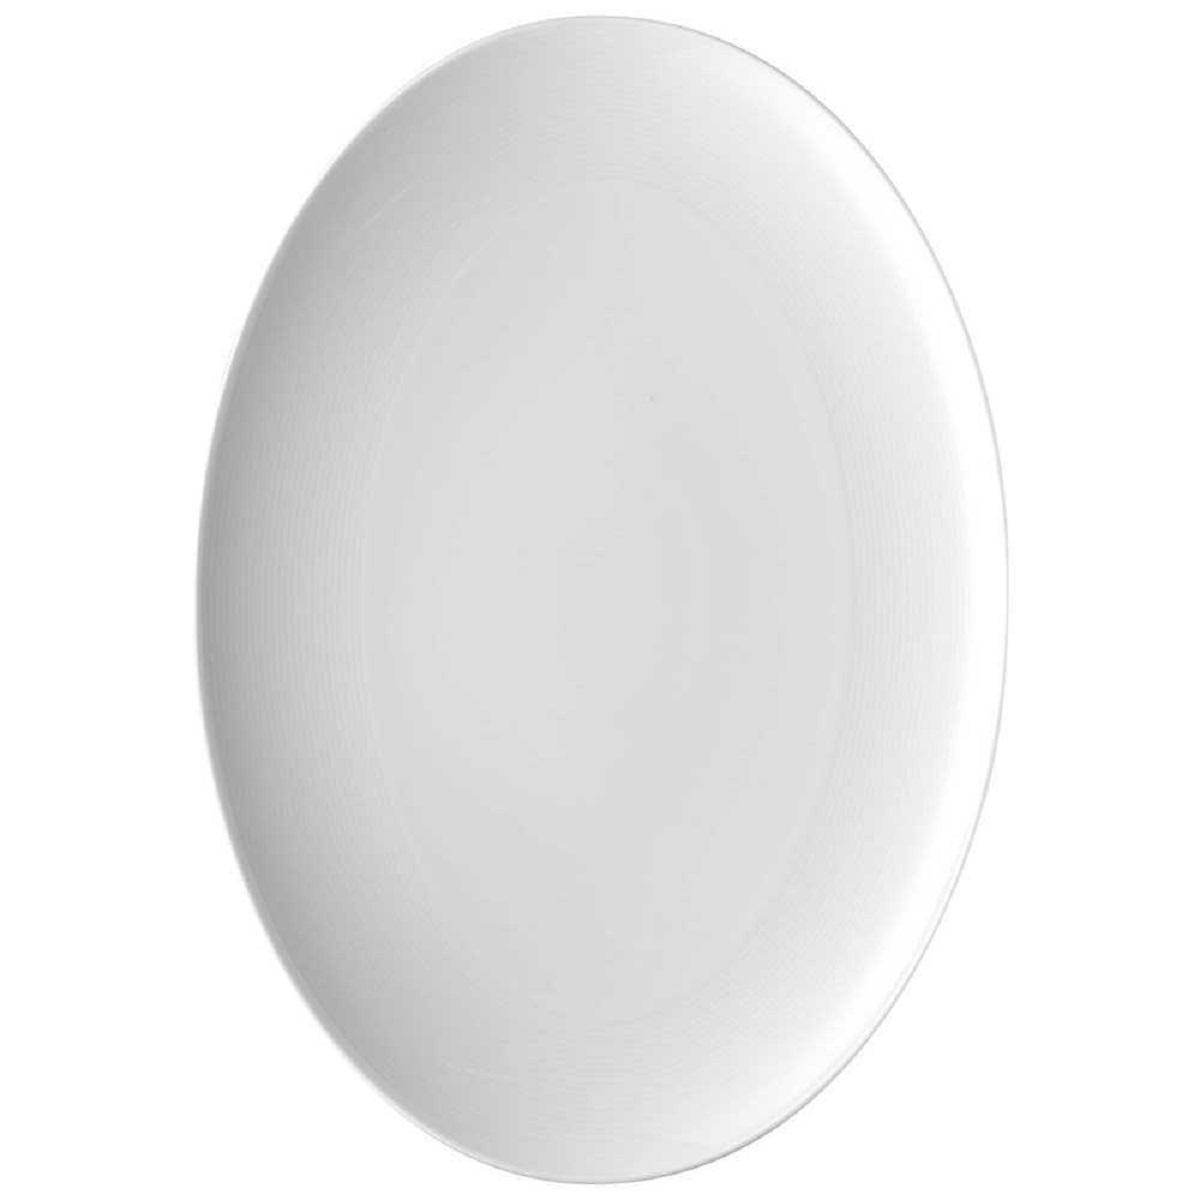 Блюдо фарфоровое Rosenthal Loft, длина 40 см, белый Rosenthal 11900-800001-12740 фото 2